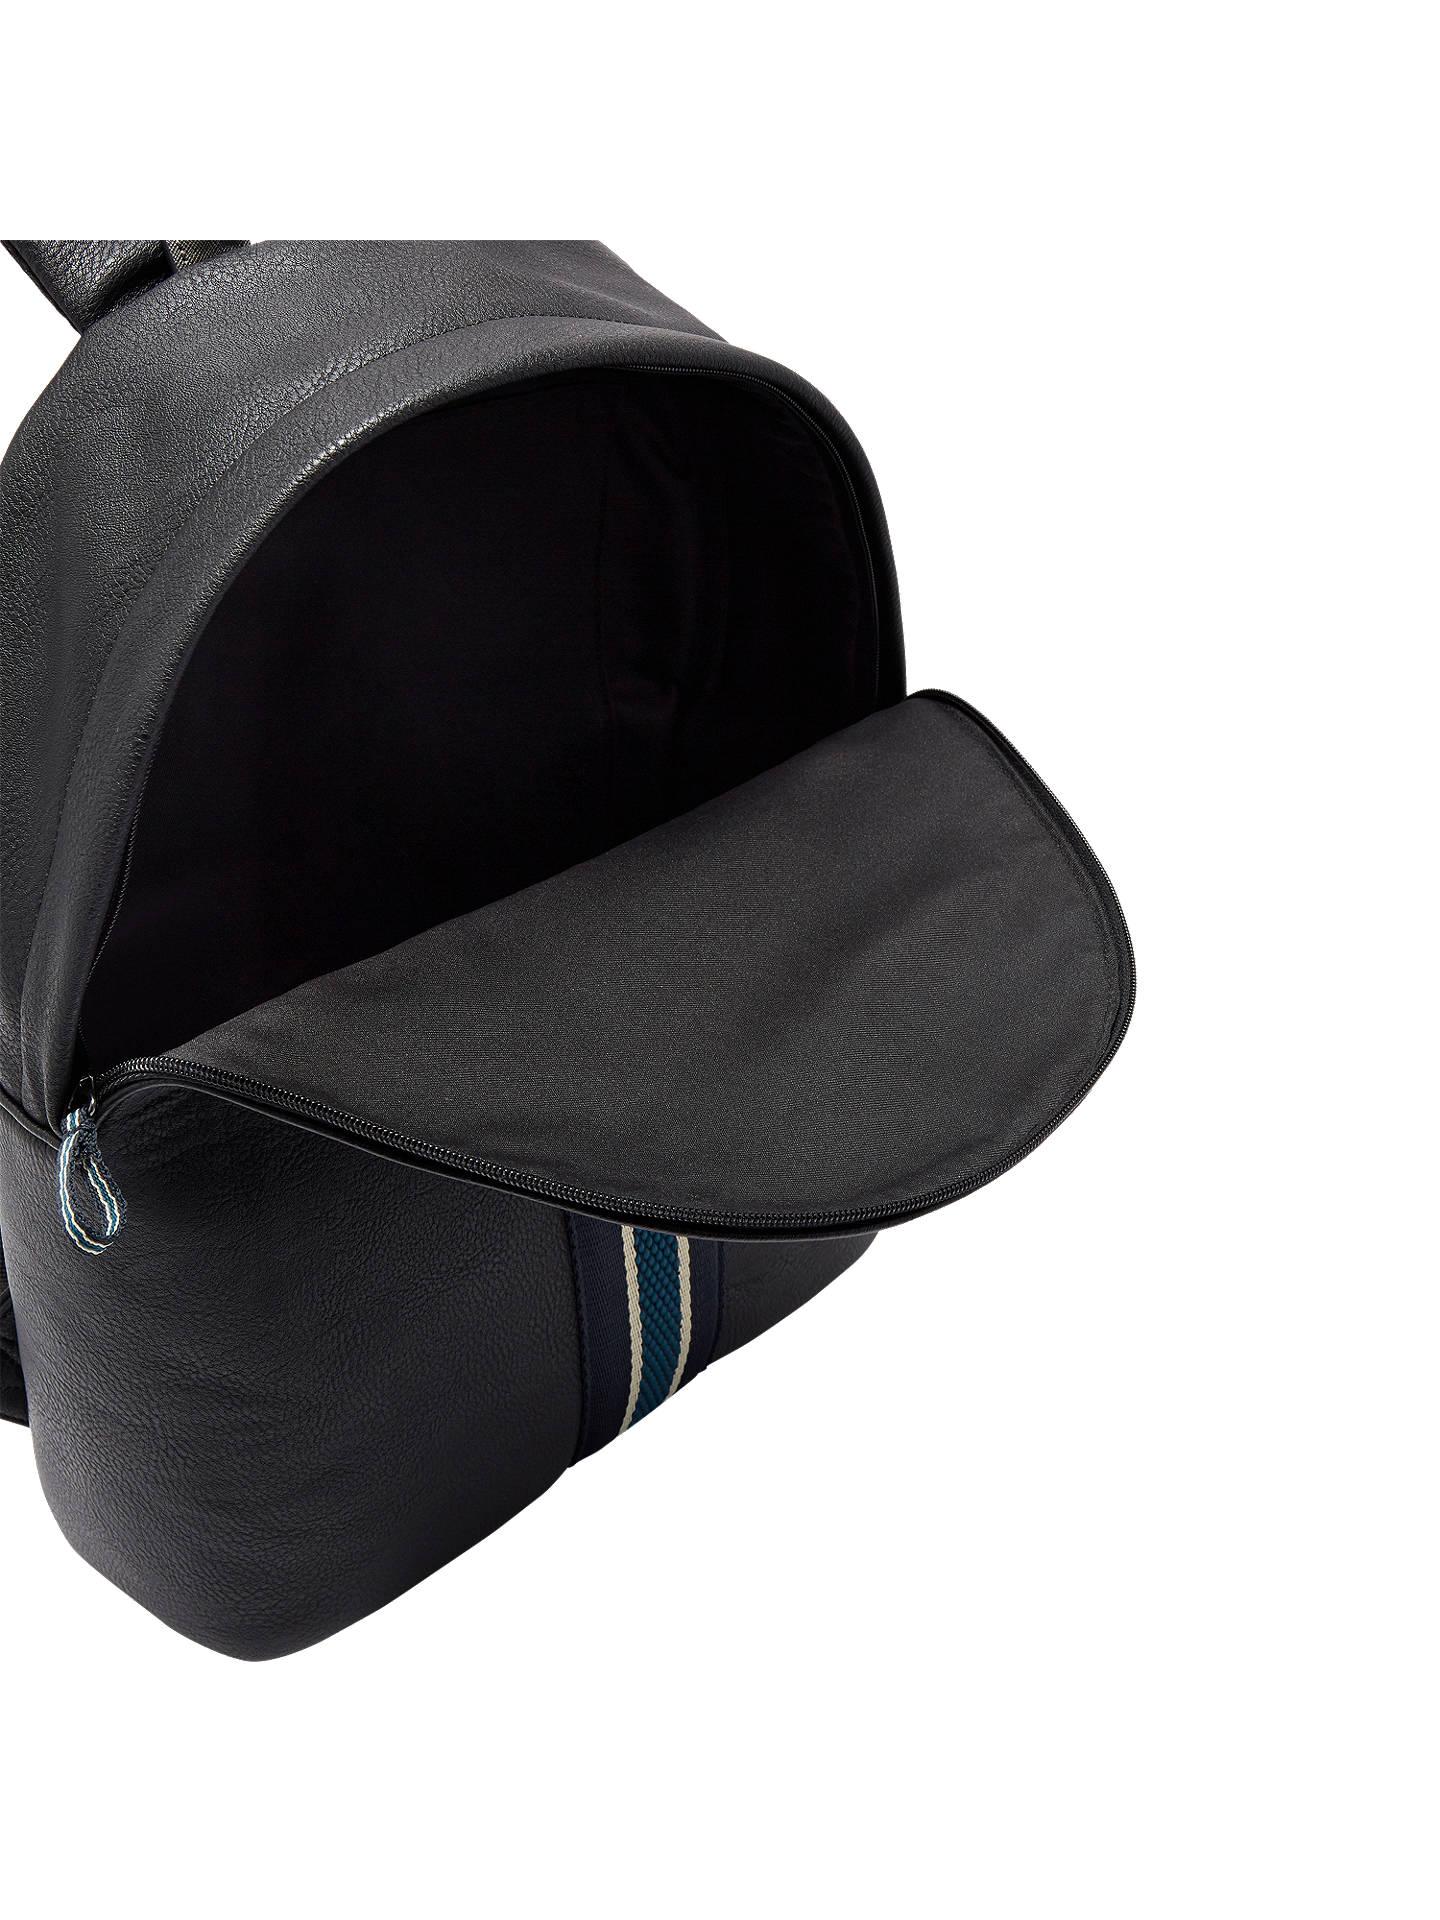 ... BuyTed Baker Heriot Backpack b0d915731cb23